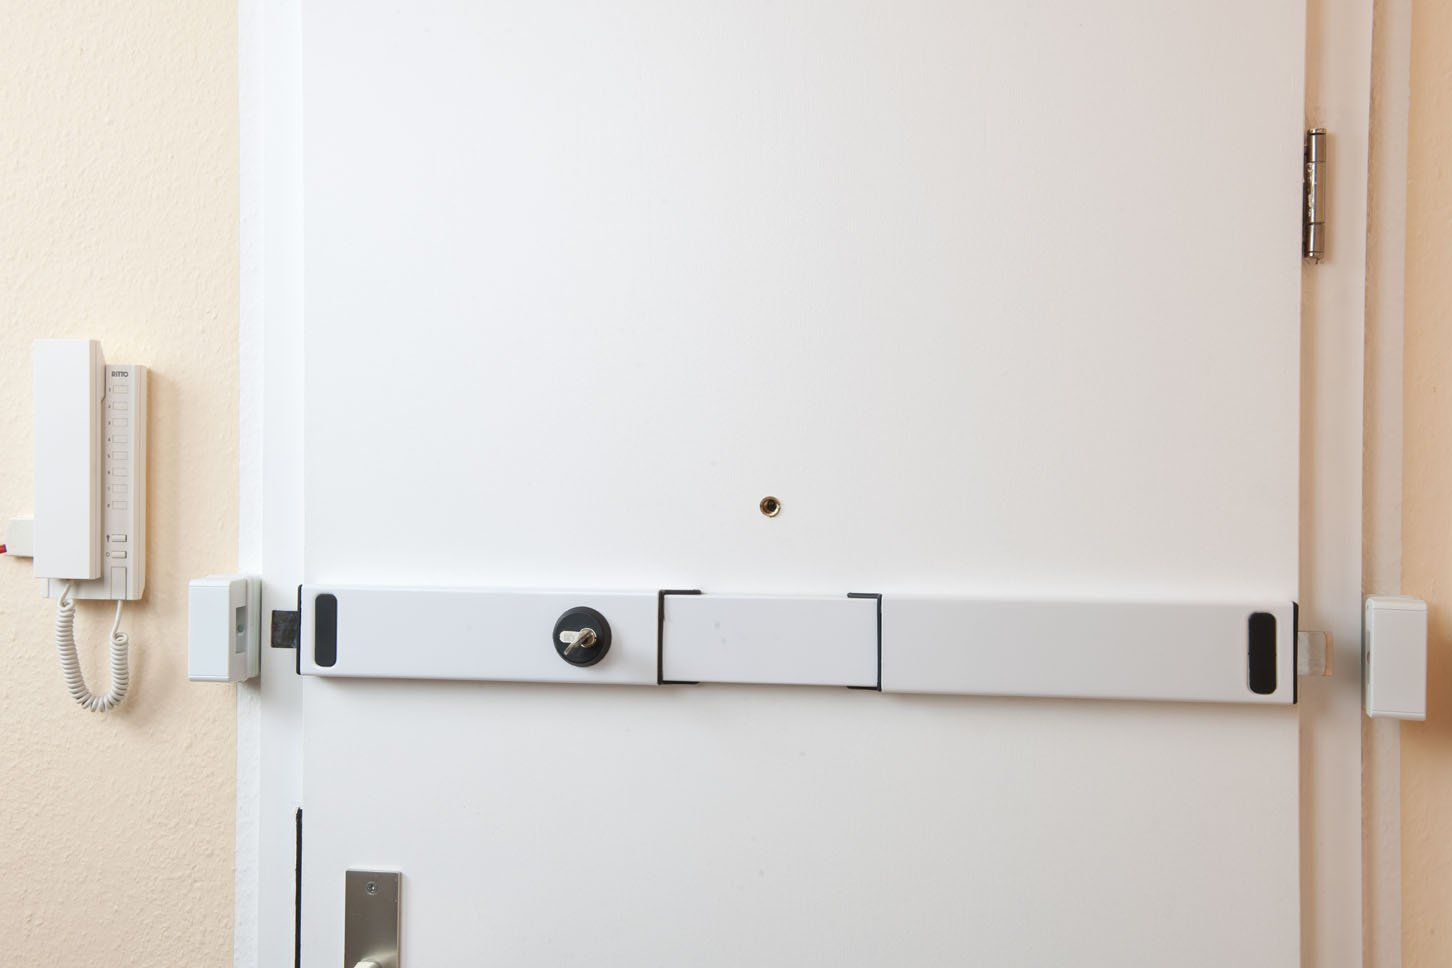 die besten panzerriegel 2016 im test vergleich. Black Bedroom Furniture Sets. Home Design Ideas